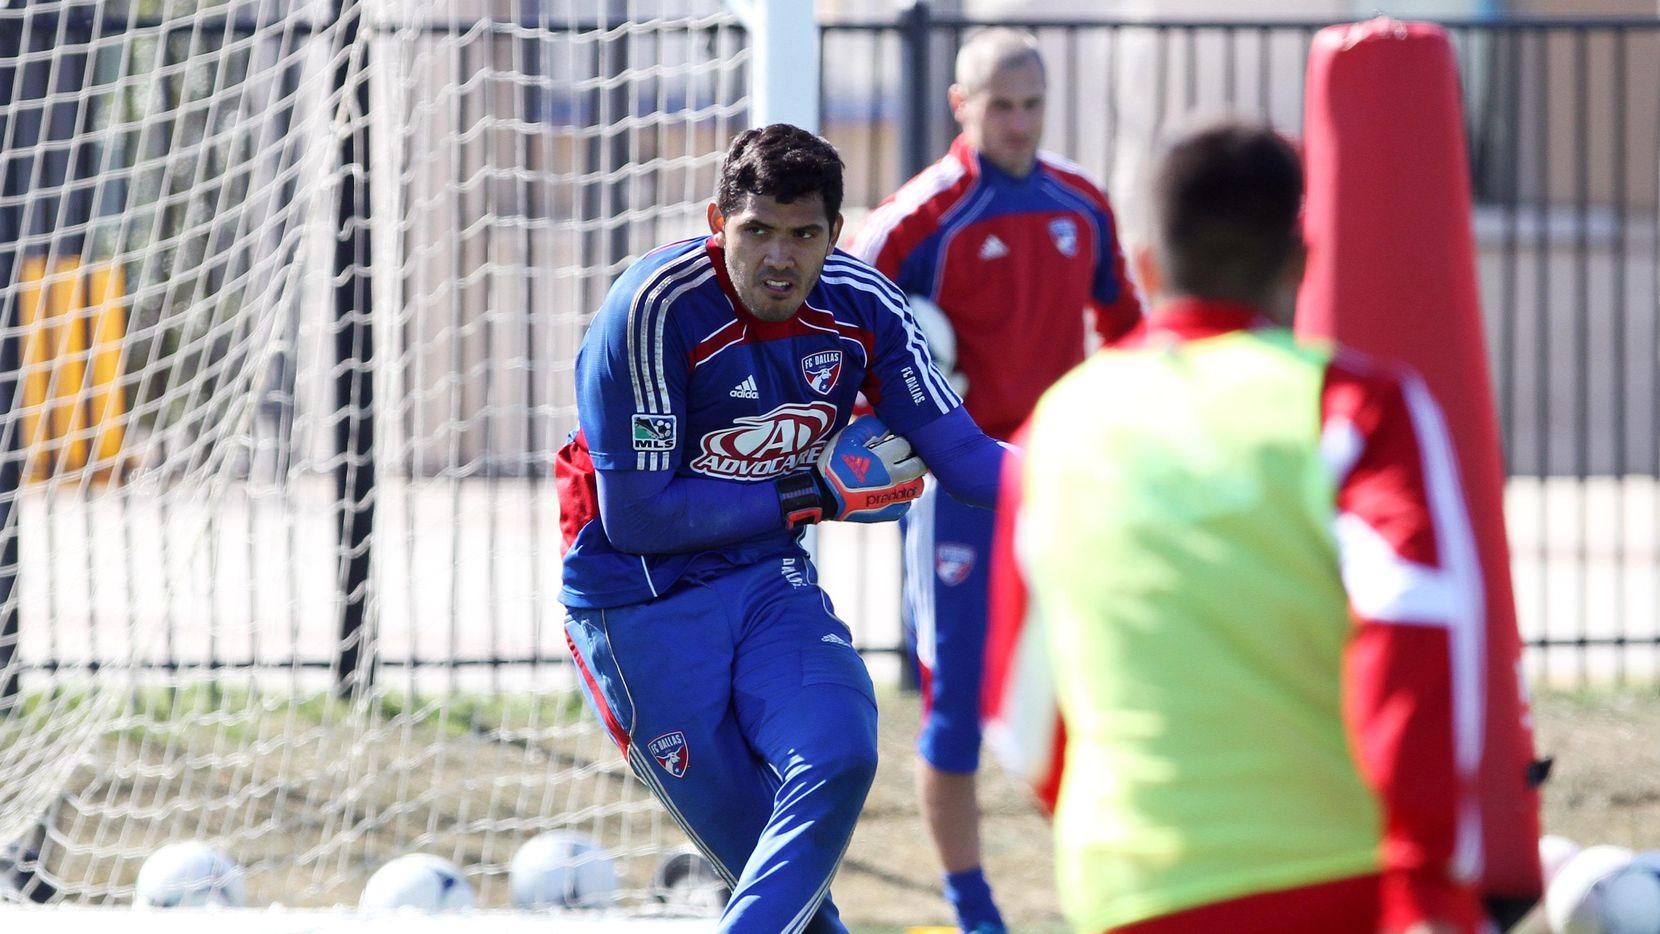 El peruano Raúl Fernández jugó para el FC Dallas entre 2013 y 2014. (ESPECIAL PARA AL DÍA/BEN TORRES)